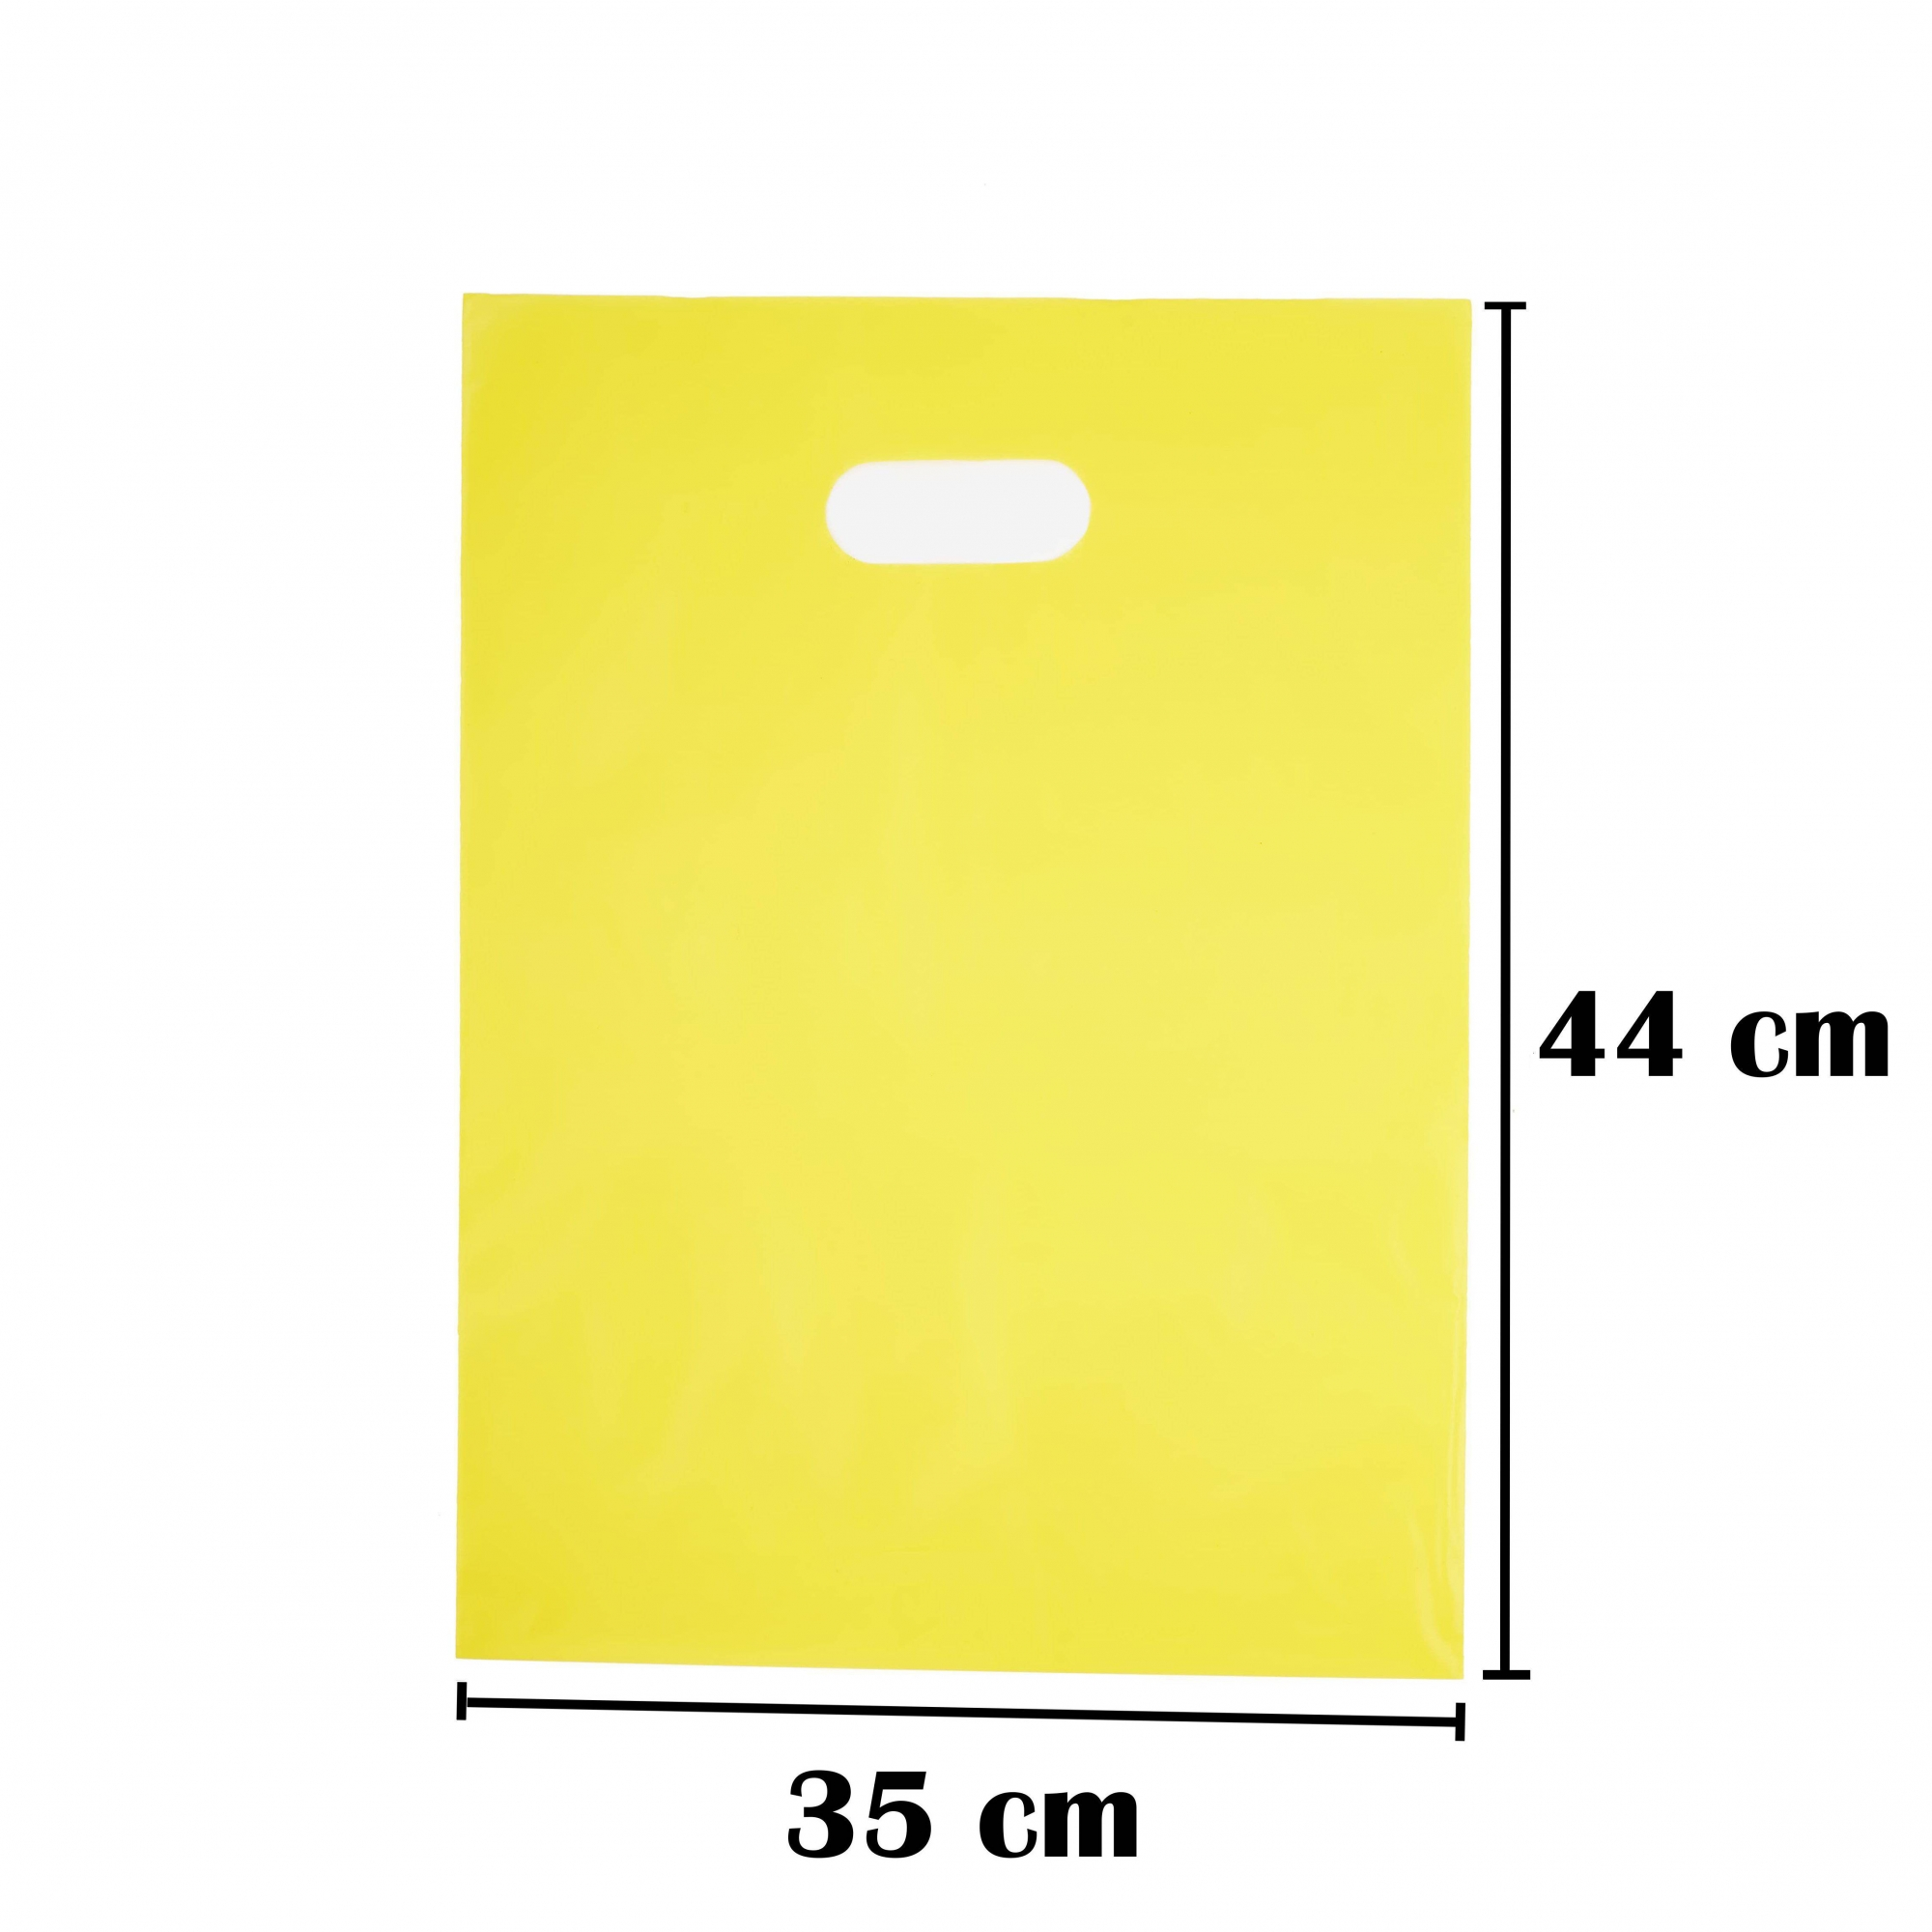 Sacola Plástica 35x44 Amarela Alça Boca de Palhaço 100 Unidades